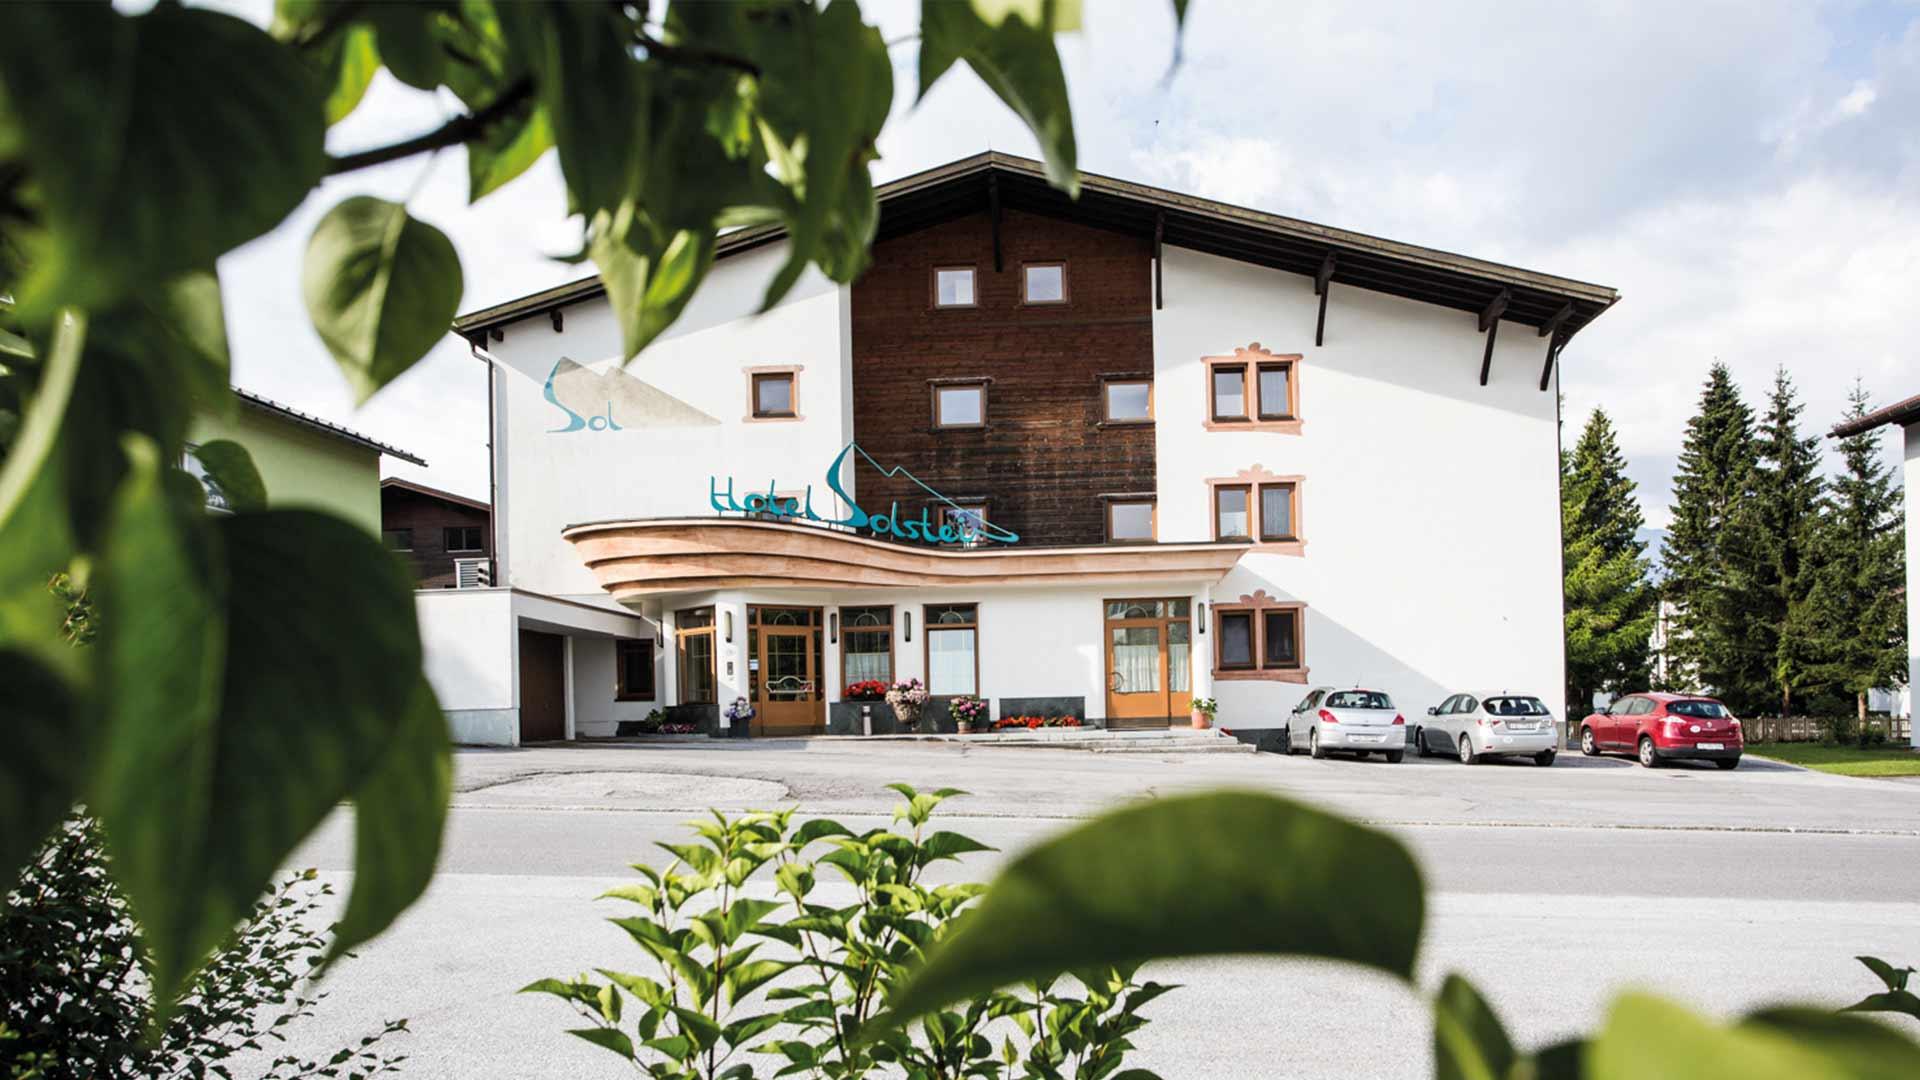 Hotel Solstein Seefeld: